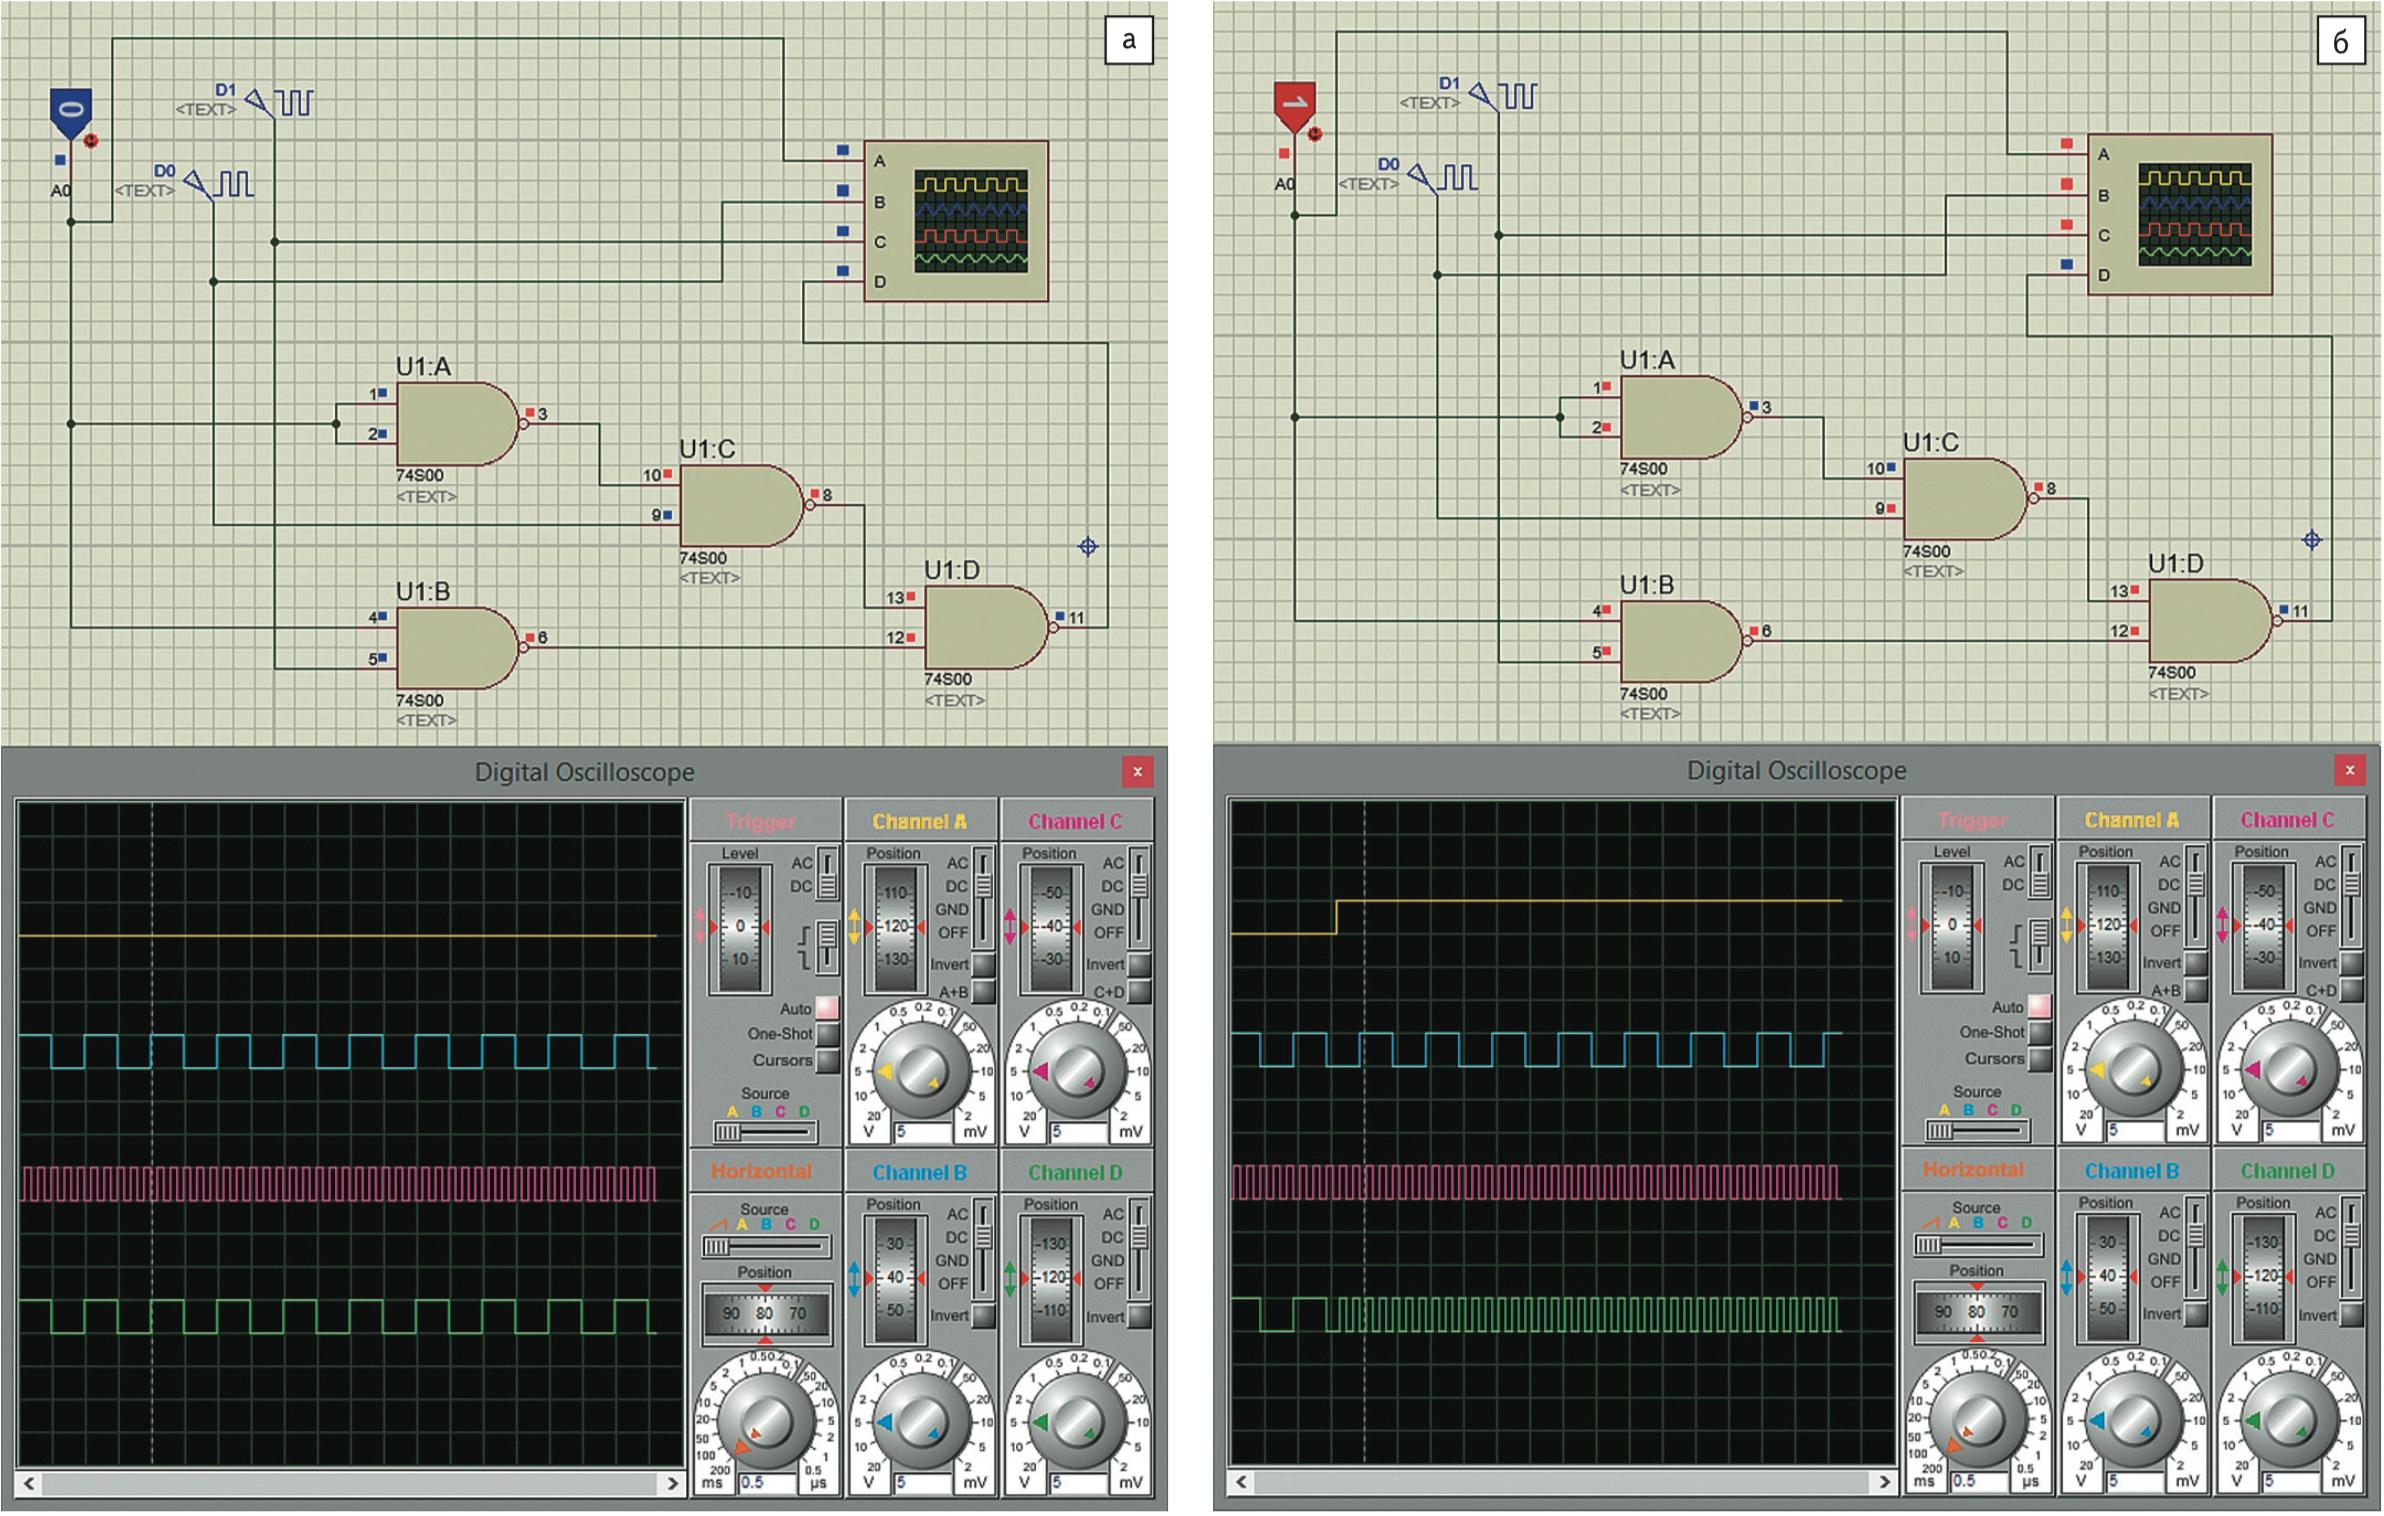 Результаты тестирования схемы мультиплексора на два информационных входа, спроектированного на вентилях 2И‐НЕ: а) на адресный вход схемы подан логический ноль; б) на адресный вход схемы подана логическая единица